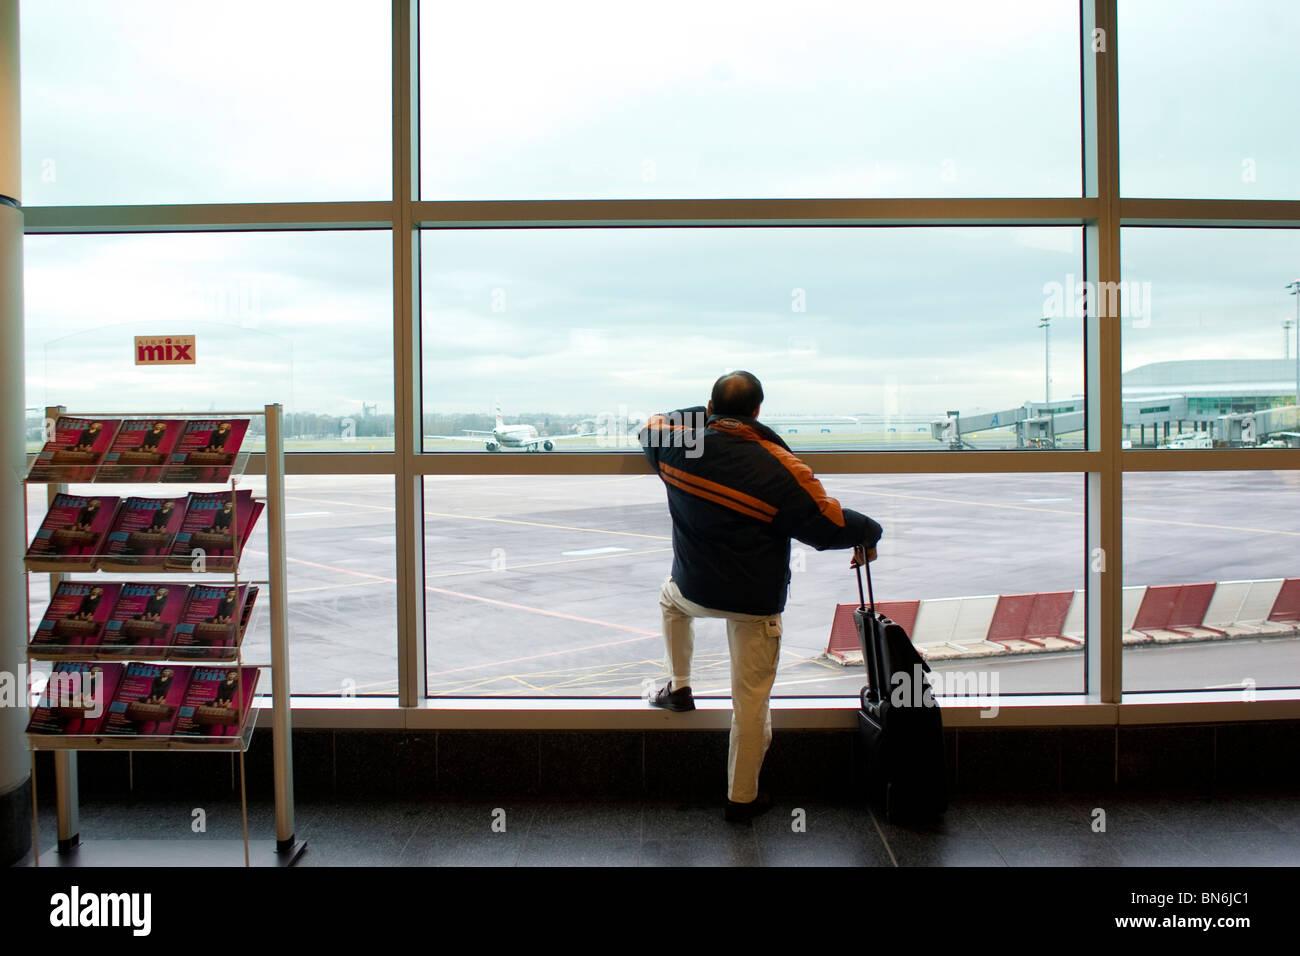 Aeropuerto de Praga. Republica Checa. Del aeropuerto de Praga. República Checa. Foto de stock